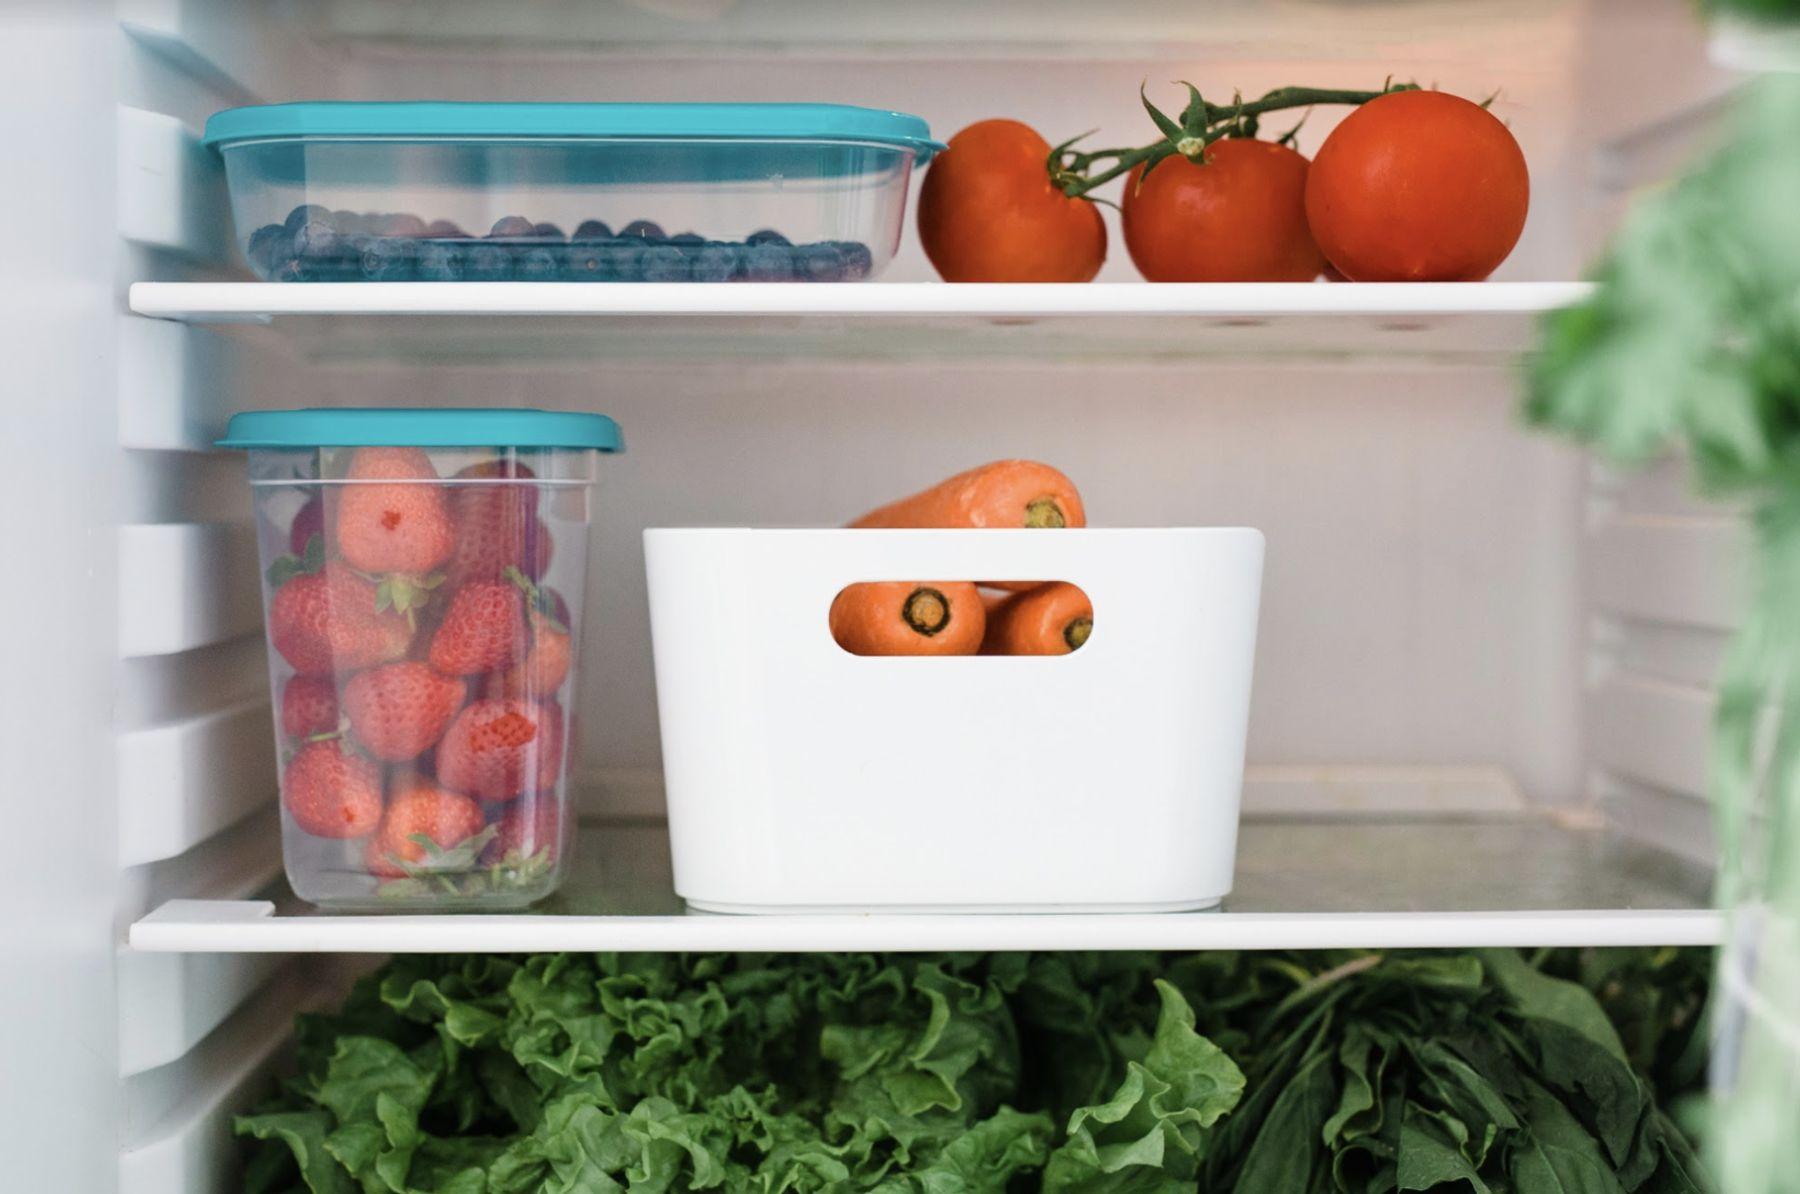 Step 3: Envasar la verdura y meterla en el freezer